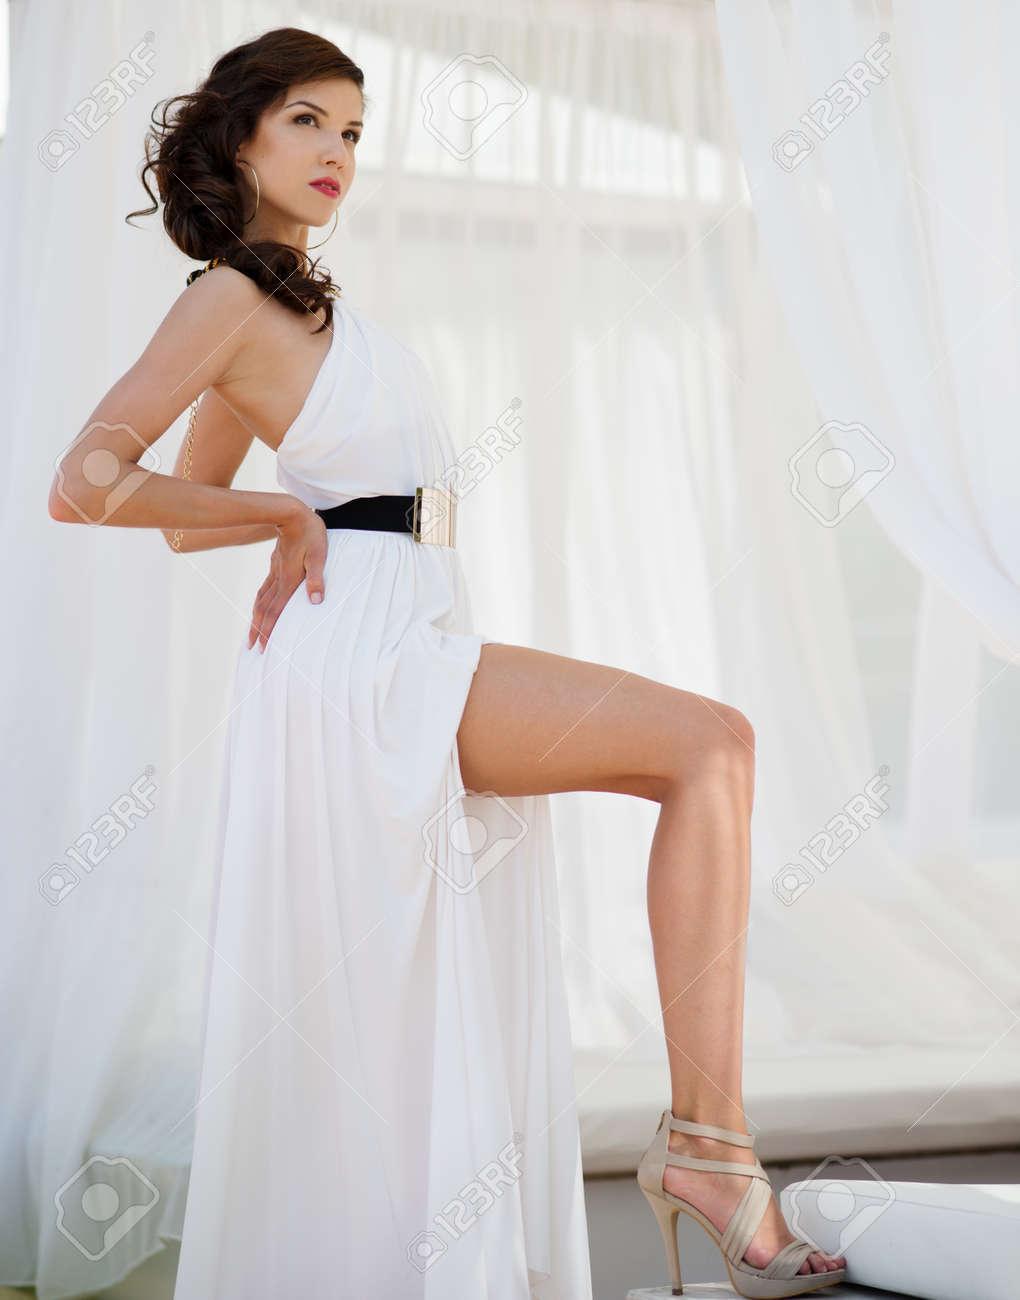 Beautiful Sexy Brünette Mädchen In Weißen Cocktail-Kleid Unter ...